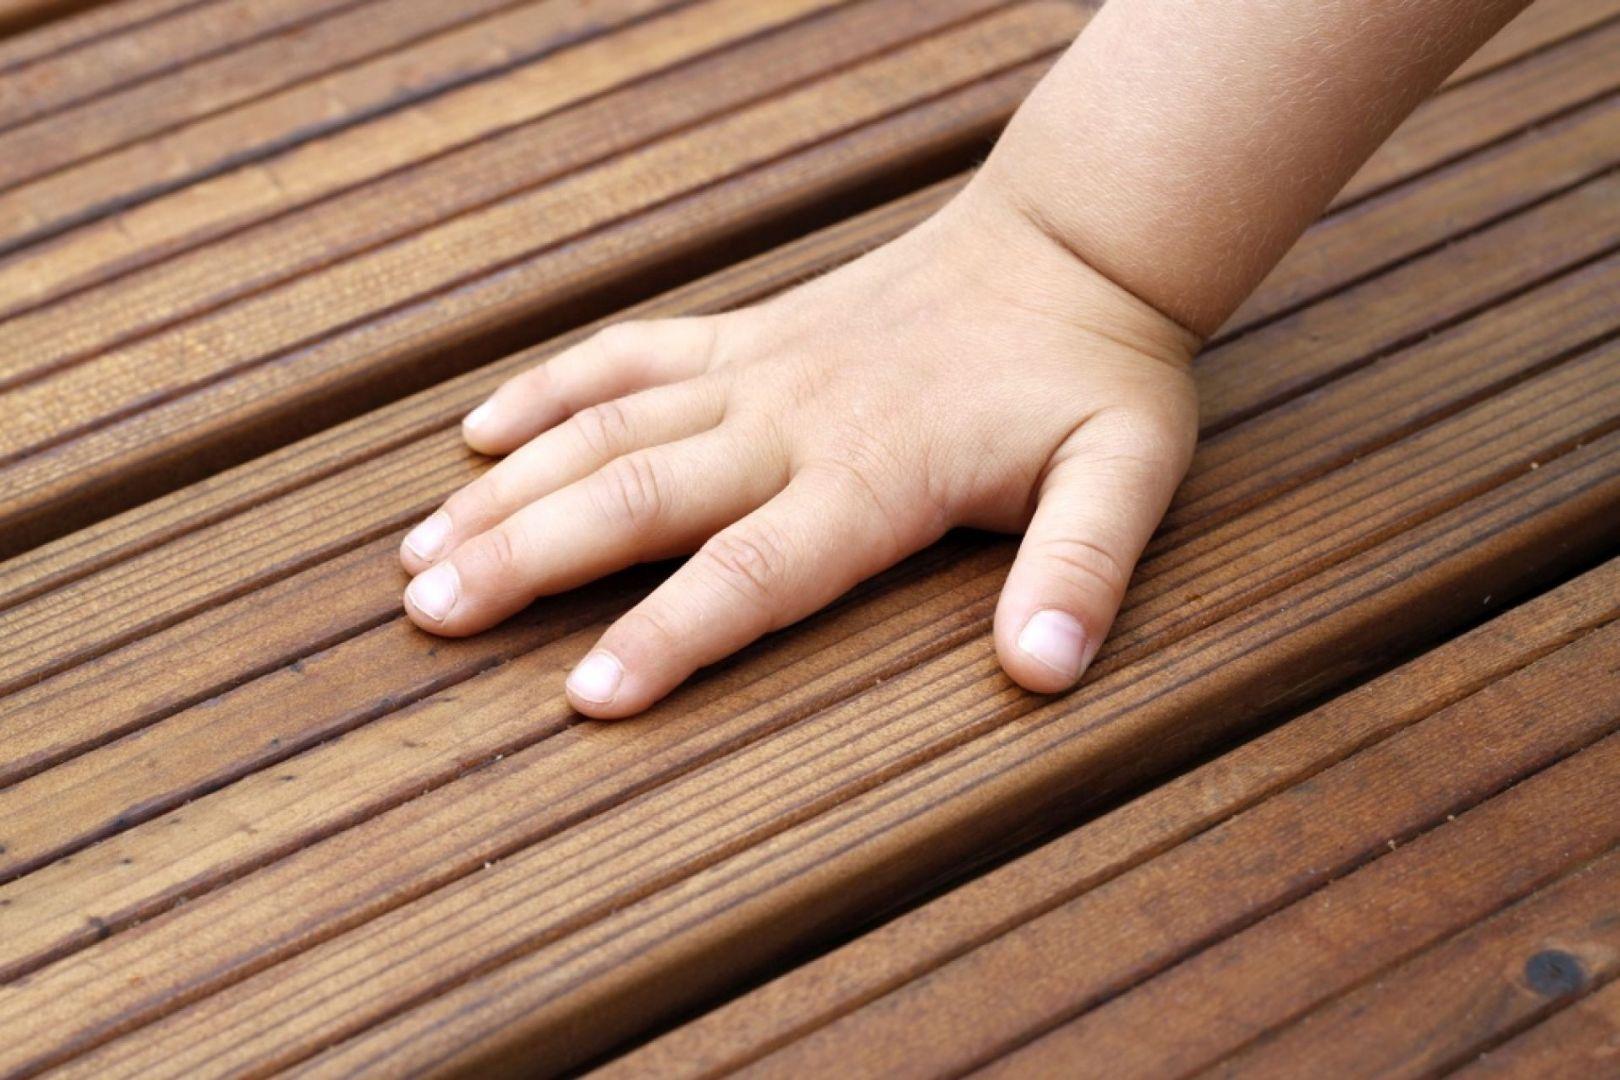 Termowane drewno staje się odporne na szkodniki, grzyby i bakterie. Fot. JAF Polska